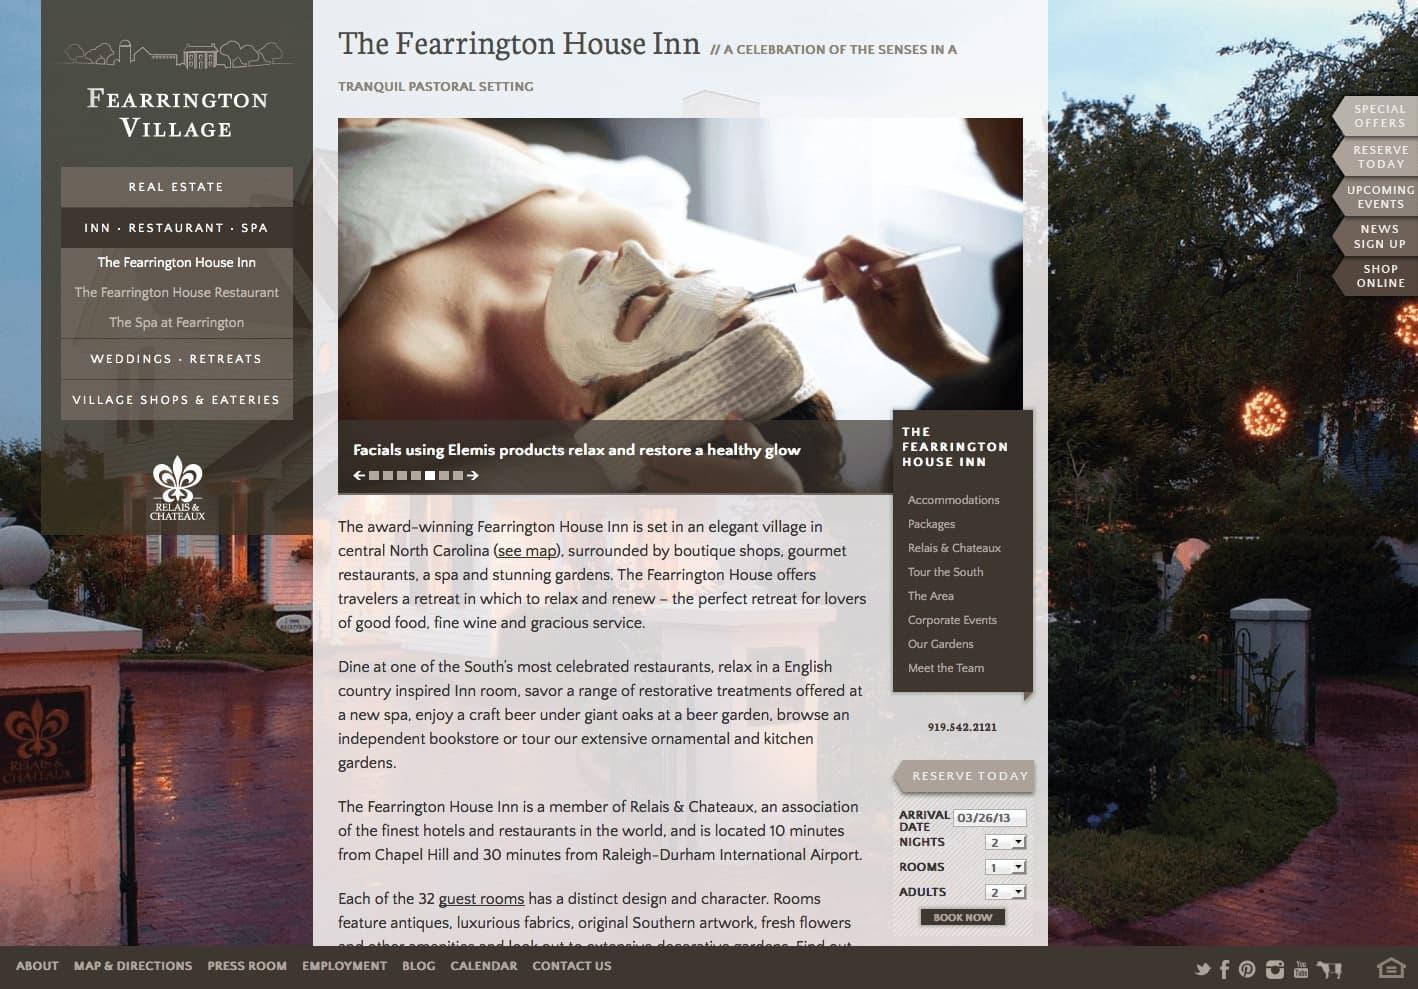 Fearrington Village's new site